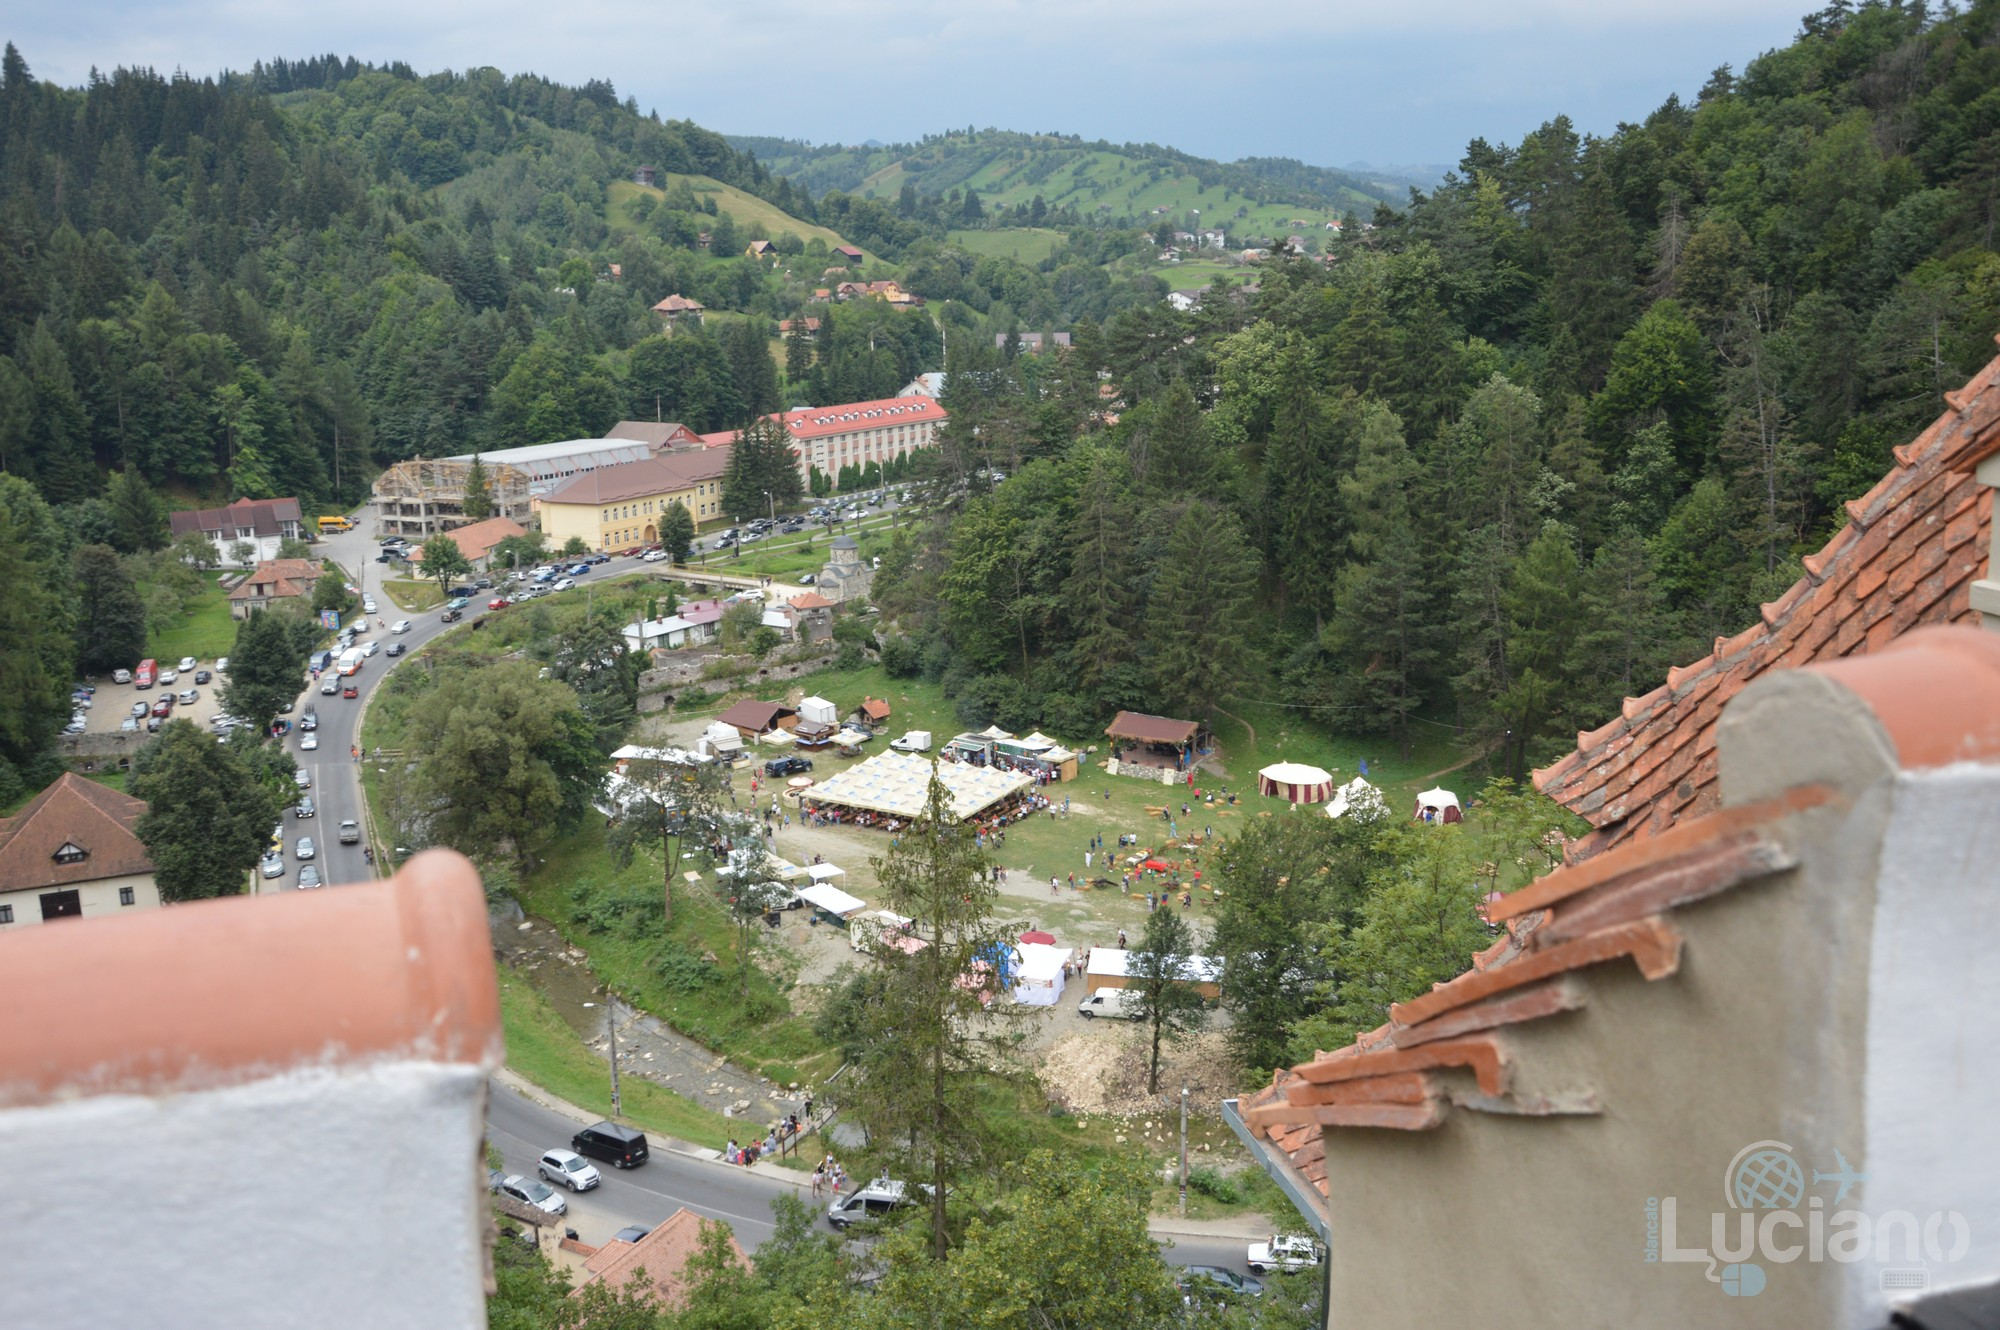 castello-di-dracula-castello-di-bran-luciano-blancato (70)